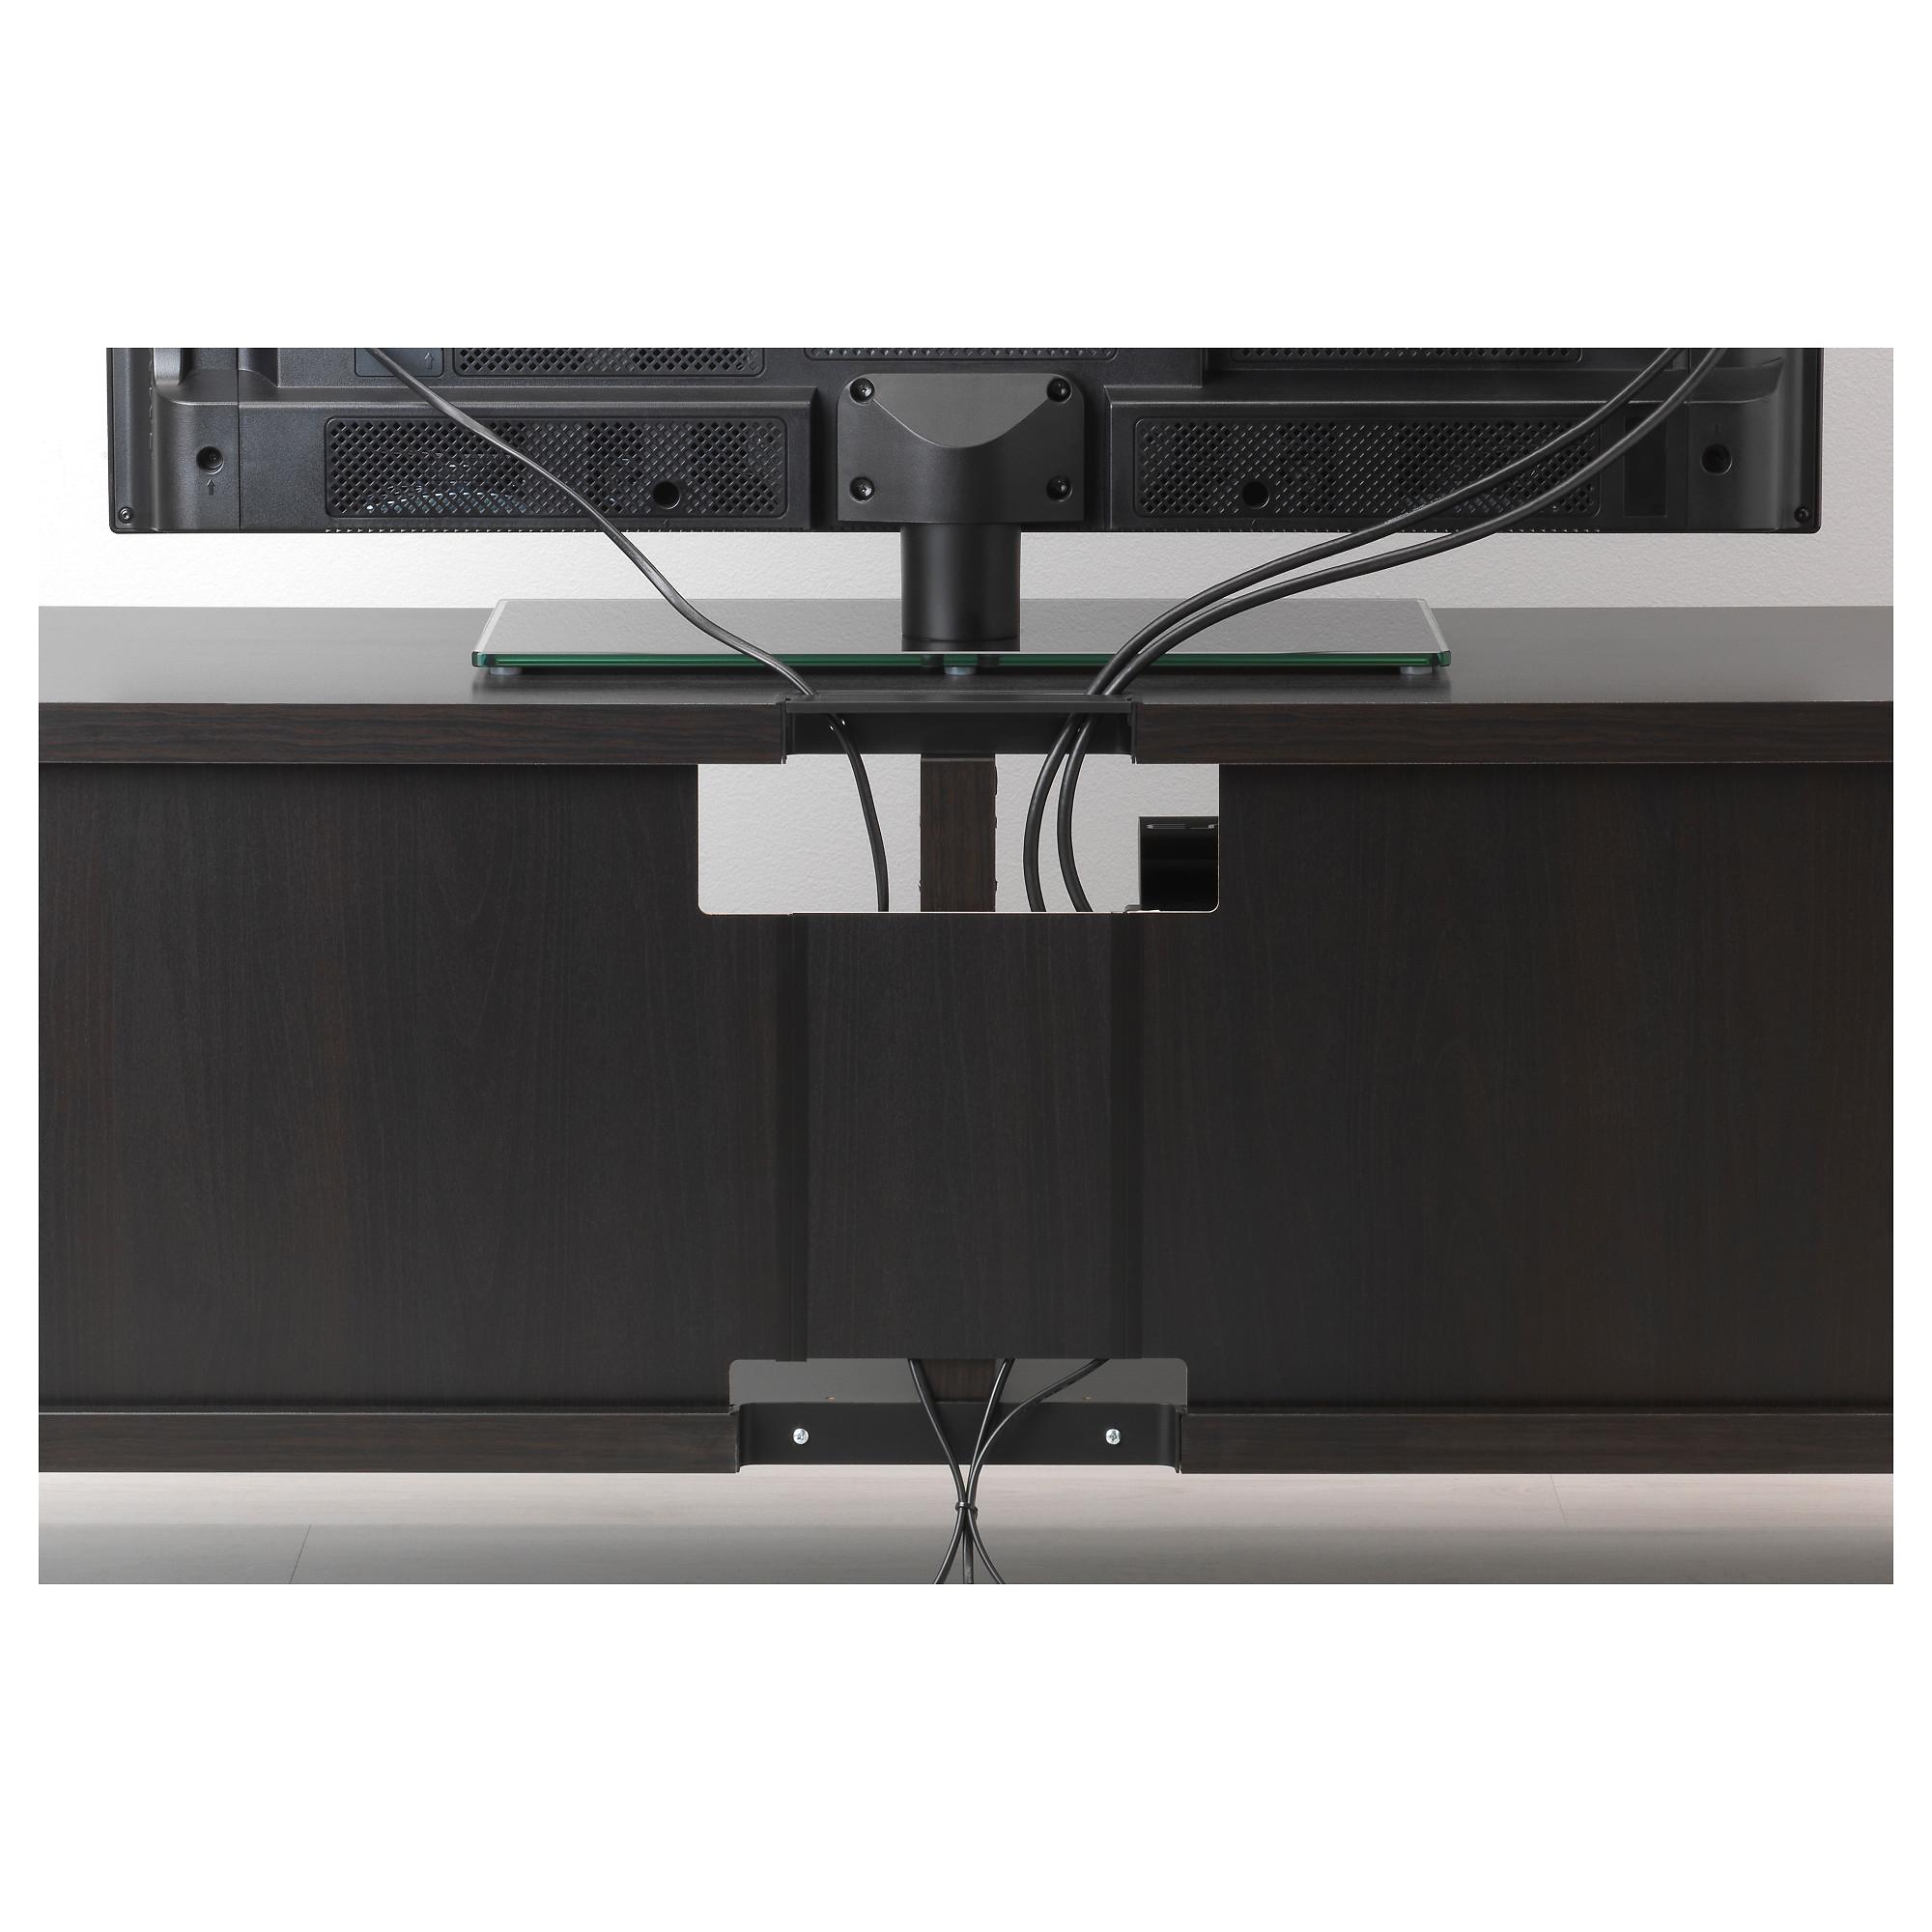 Шкаф для ТВ, комбинация БЕСТО темно-синий артикуль № 692.516.80 в наличии. Интернет сайт ИКЕА Минск. Быстрая доставка и установка.